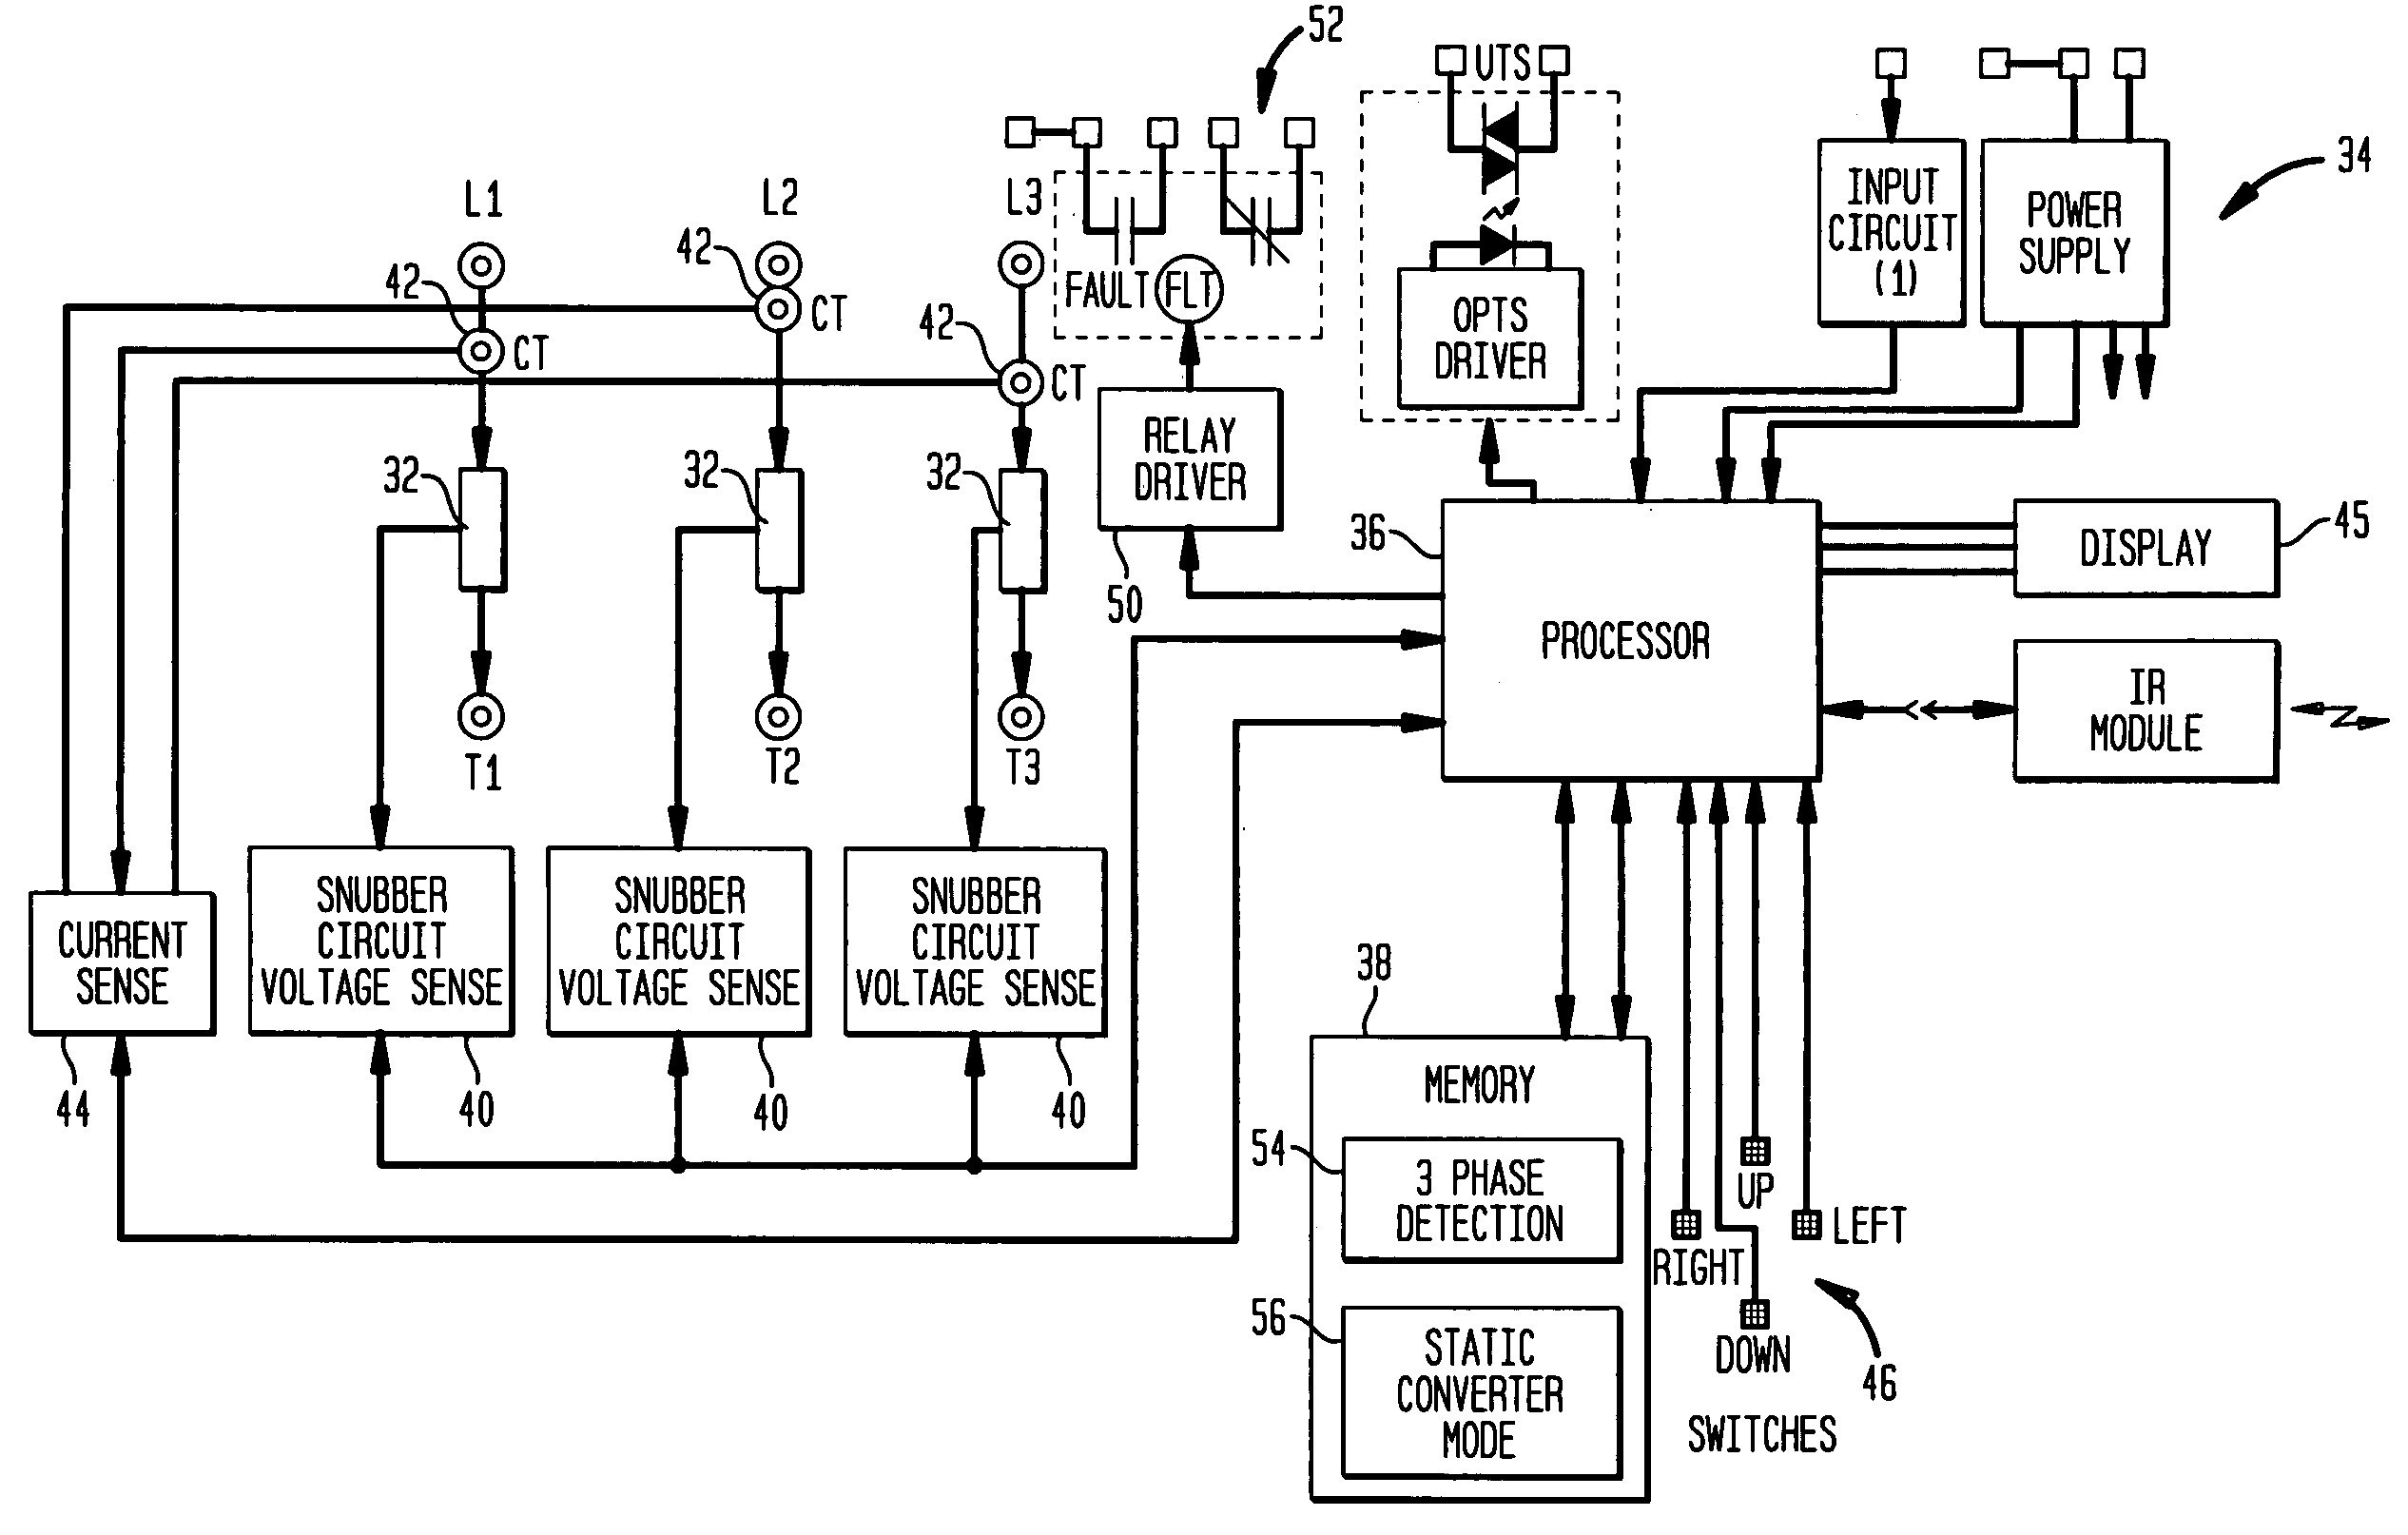 3 phase motor starter wiring diagram pdf Collection-Wiring Diagram for 3 Phase Dol Starter Fresh 3 Phase Motor Starter Wiring Diagram Pdf 9-f